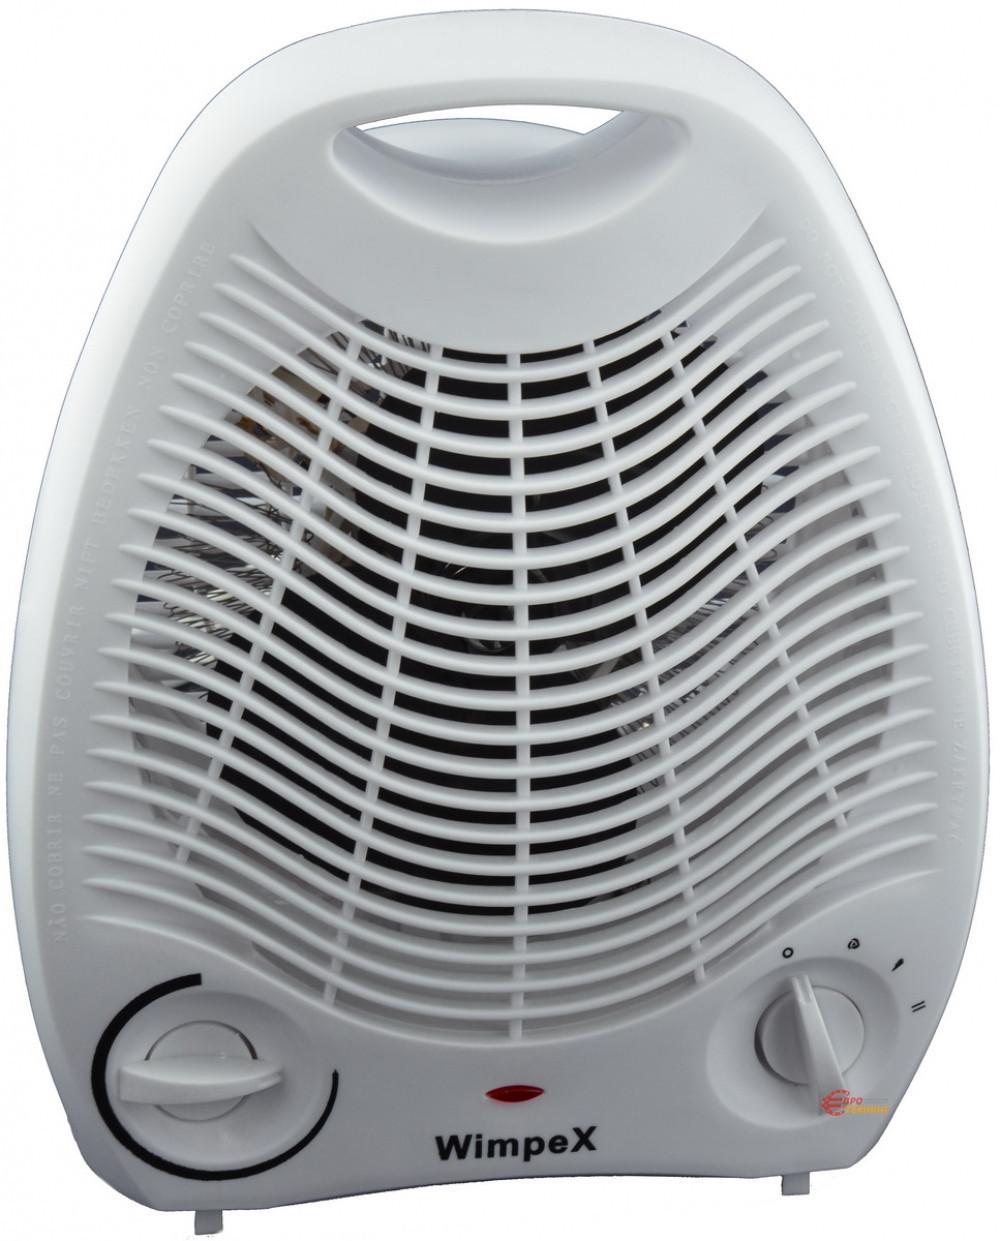 Тепловентилятор Wimpex WX-424. Обогреватель Hot fan wx 424